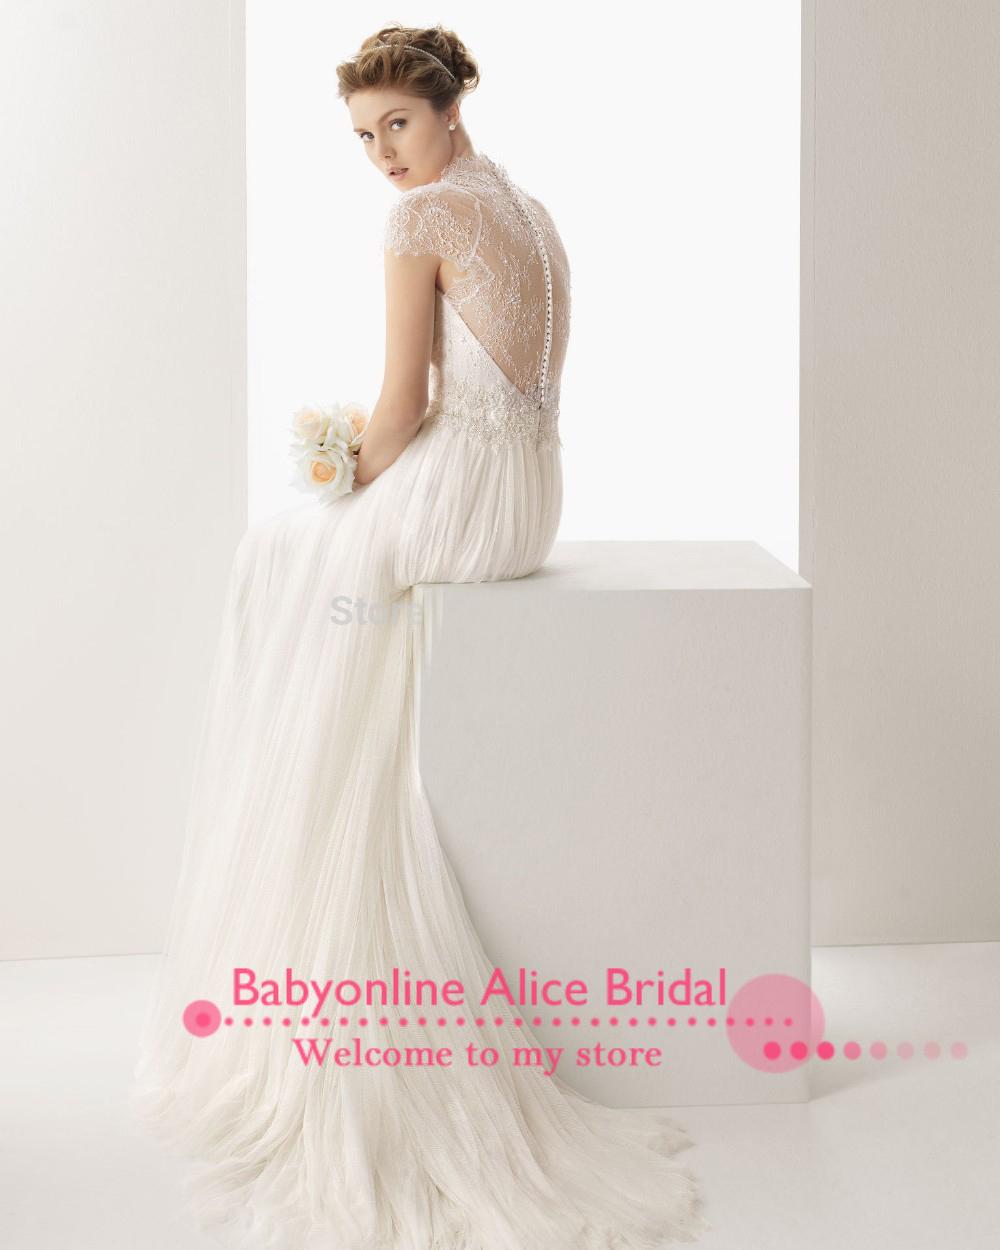 Diseño del vestido de boda en línea